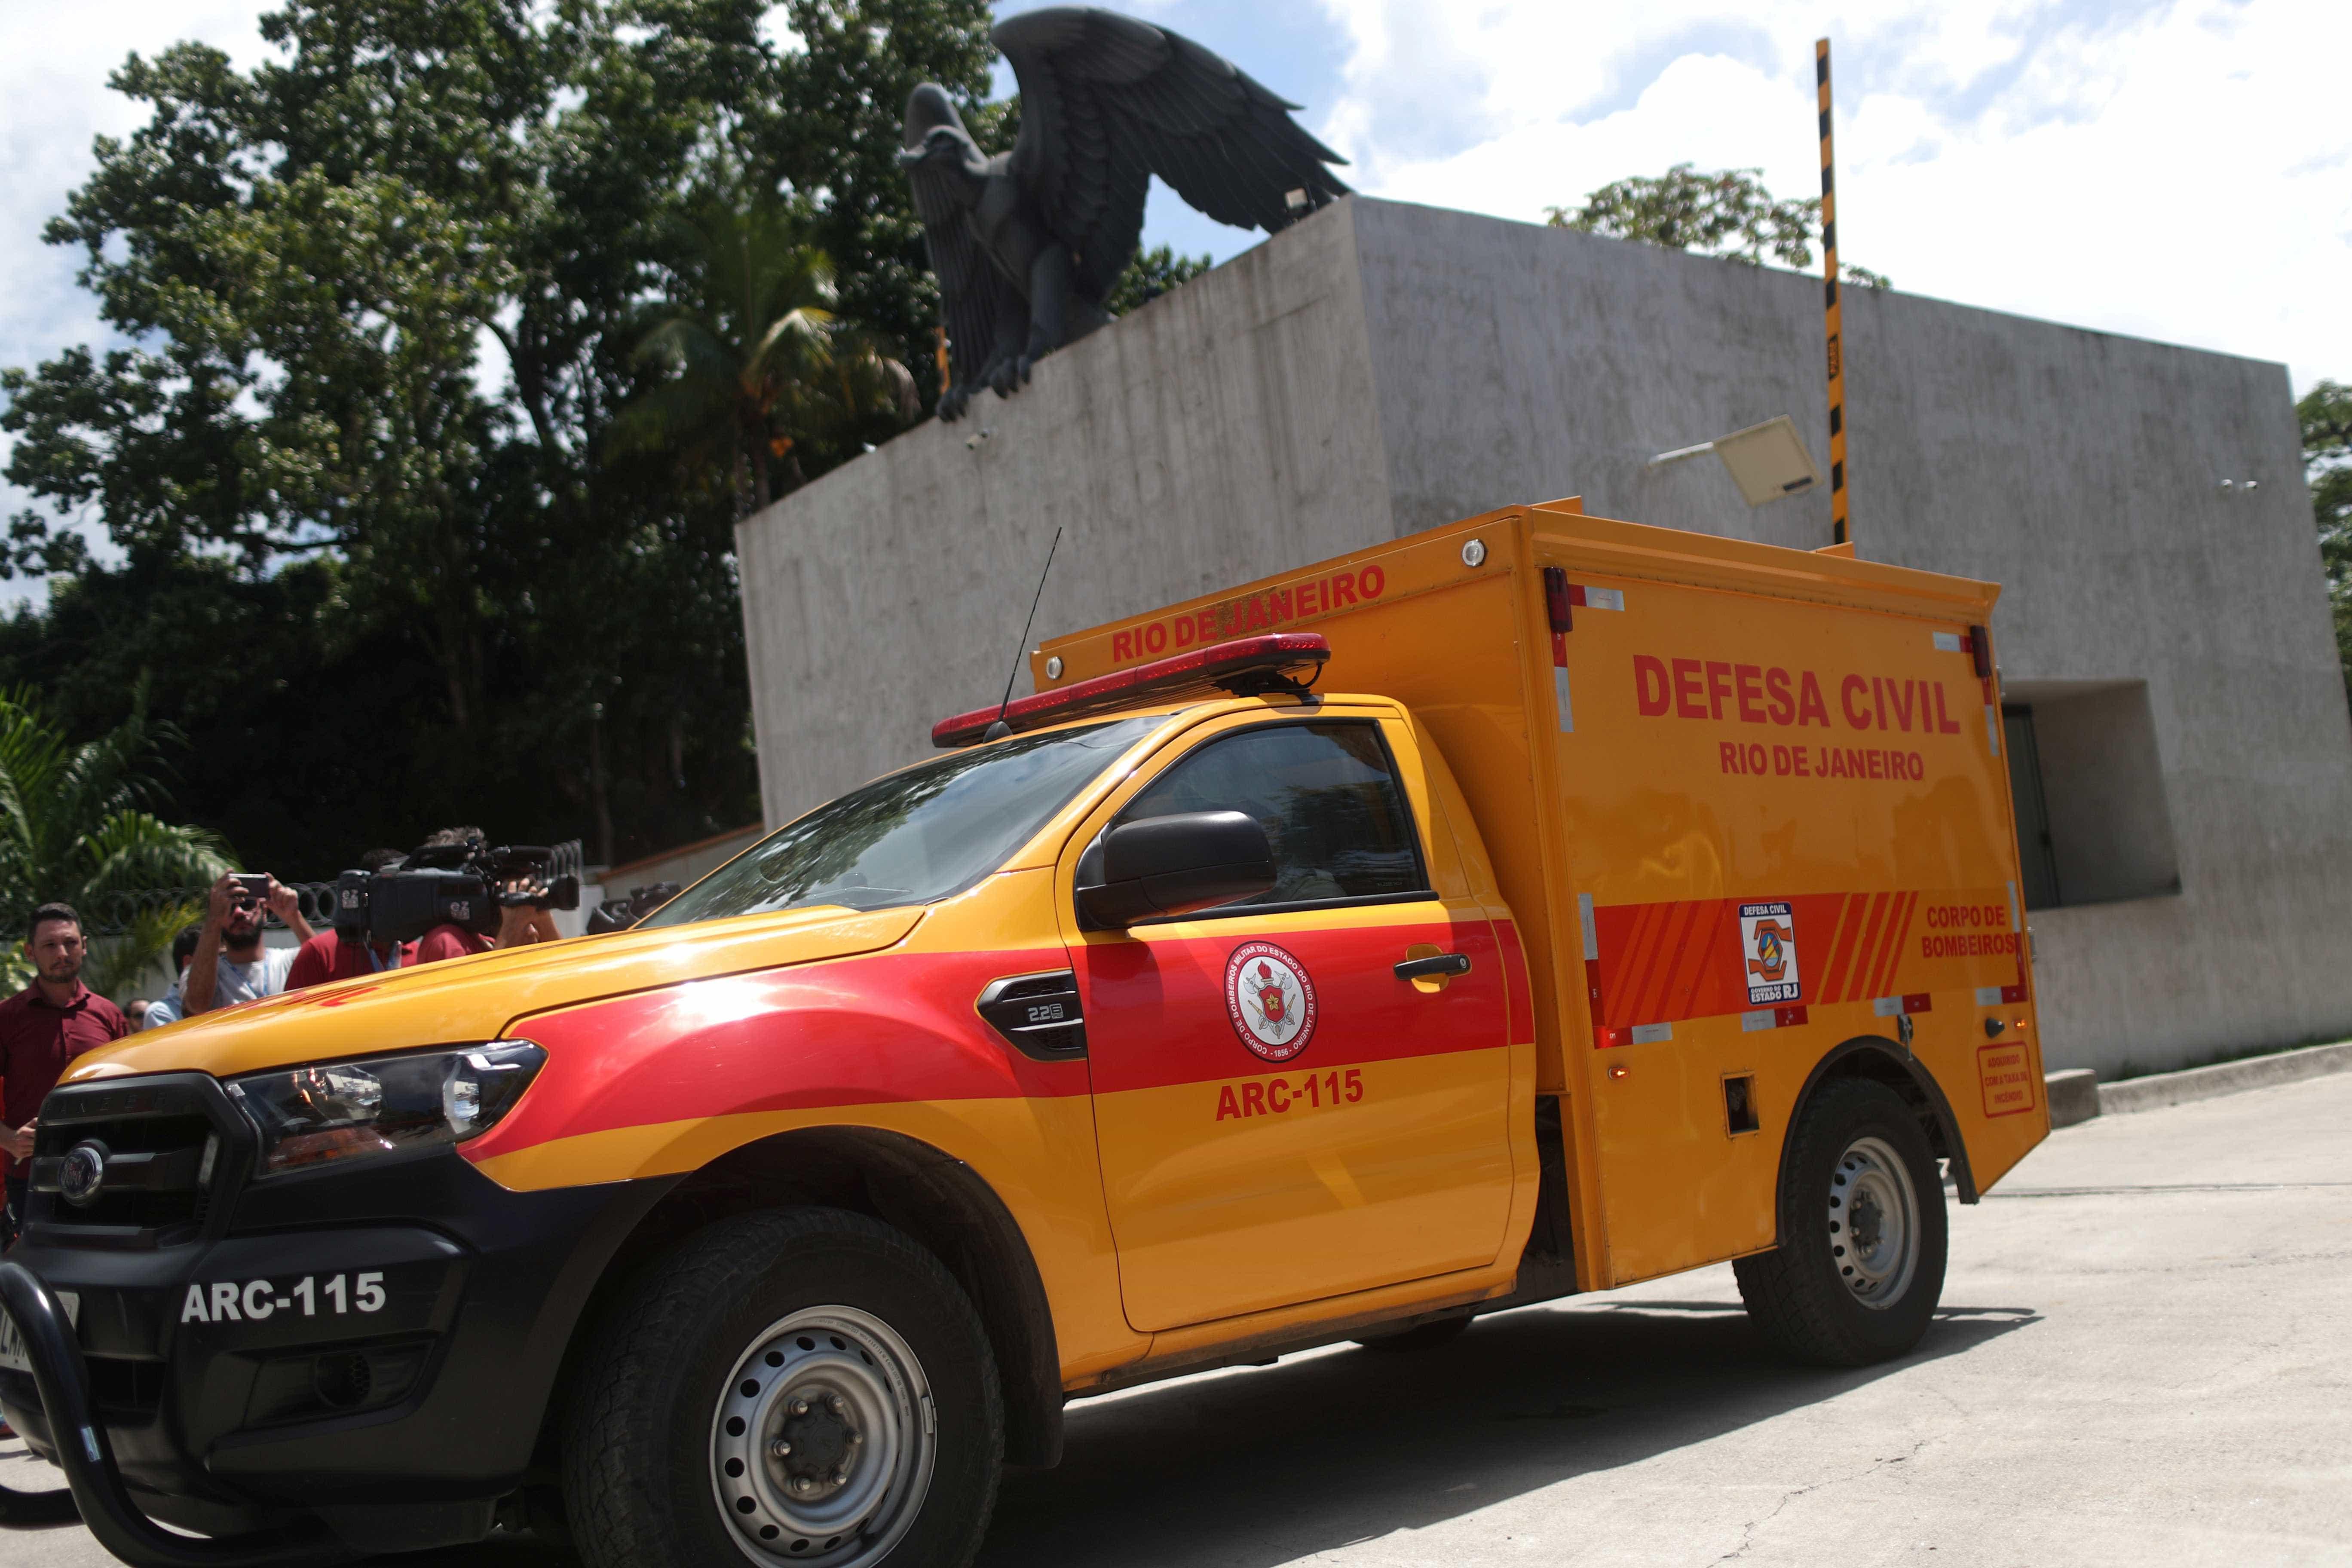 Cobrado por autoridades, Fla se recusa a cumprir decisão para fechar CT